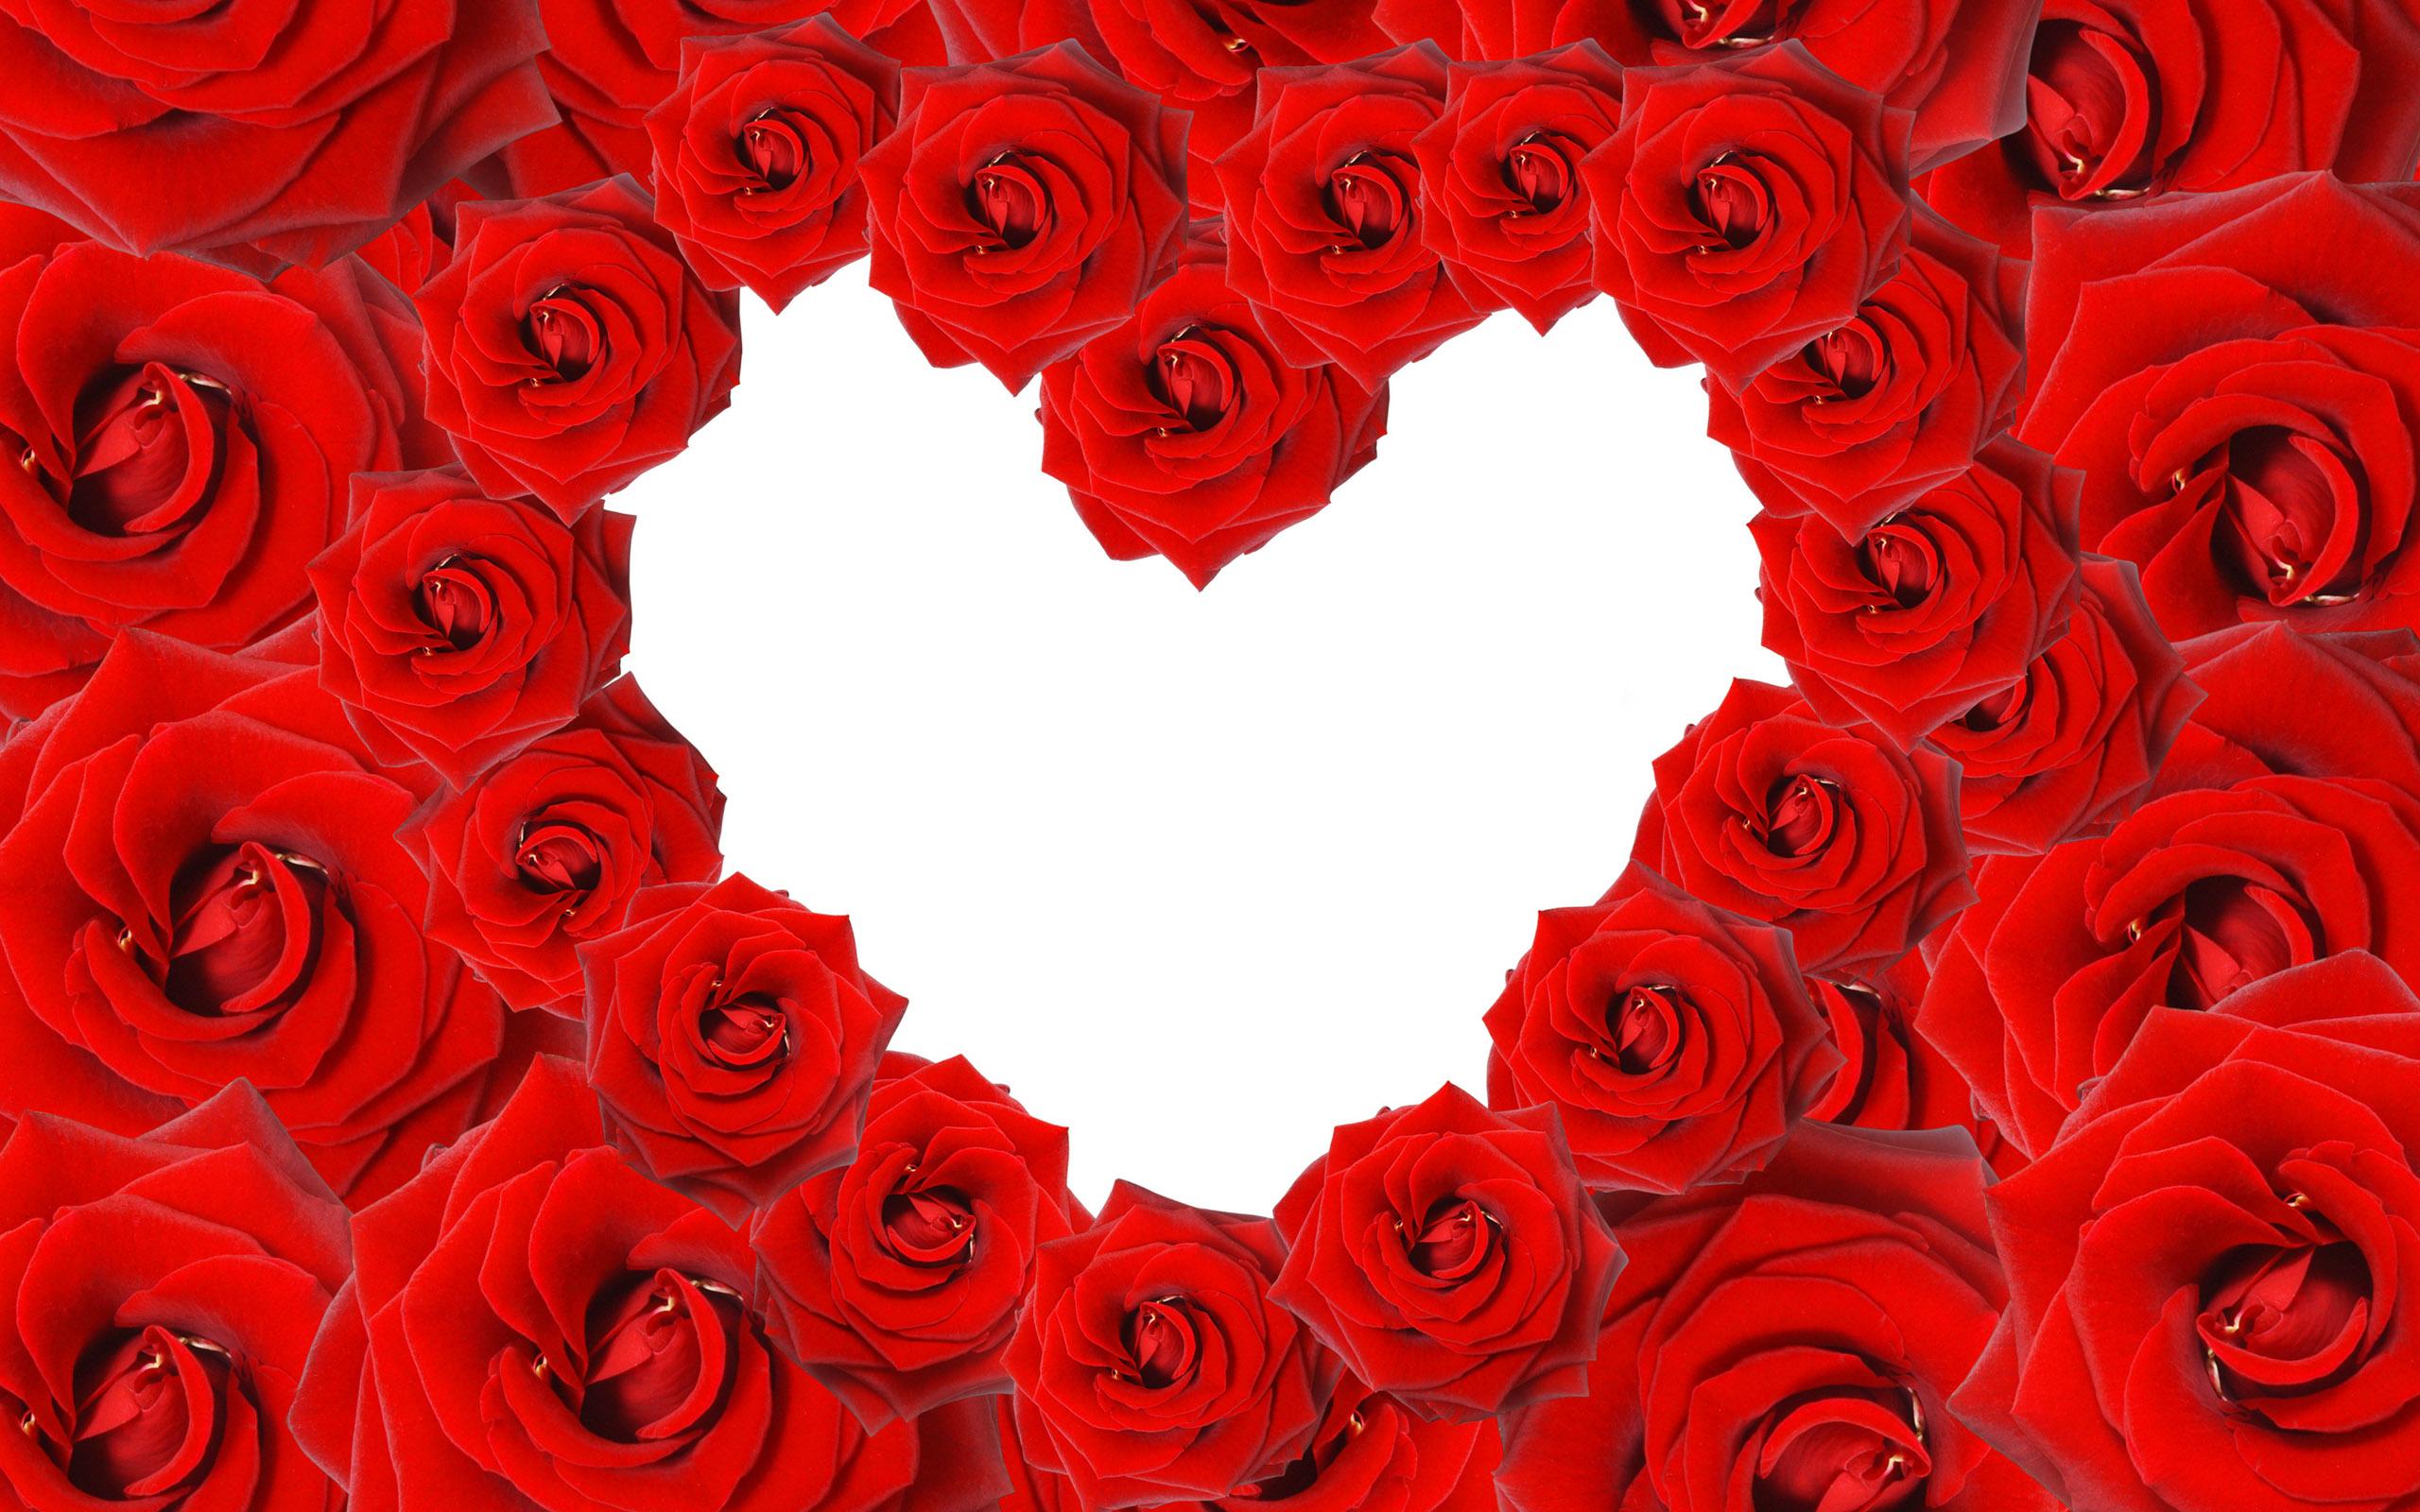 73 Red Rose Heart Wallpaper On Wallpapersafari